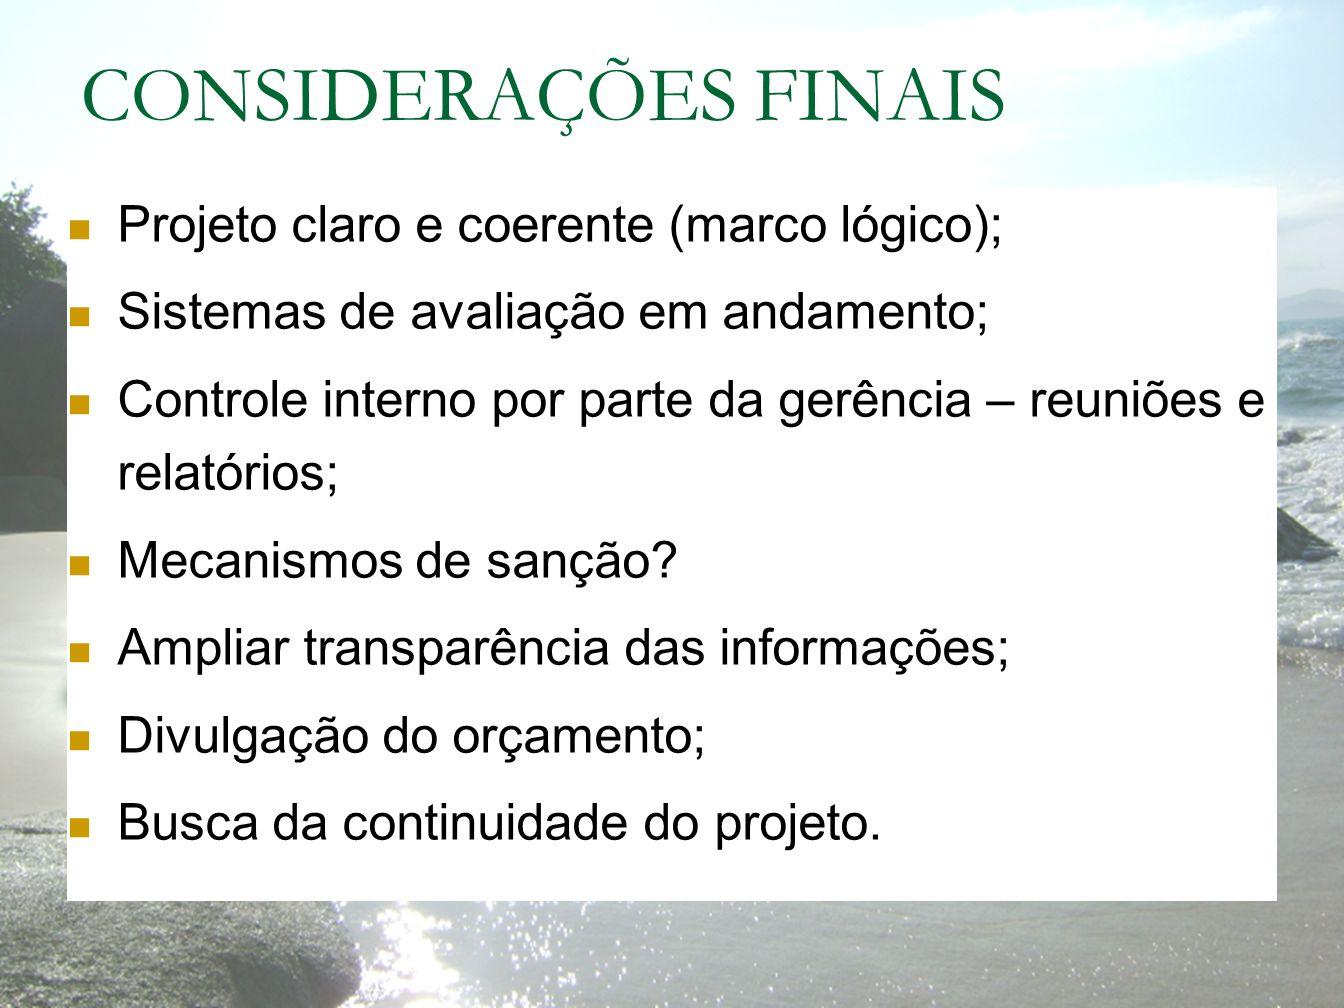 CONSIDERAÇÕES FINAIS Projeto claro e coerente (marco lógico);